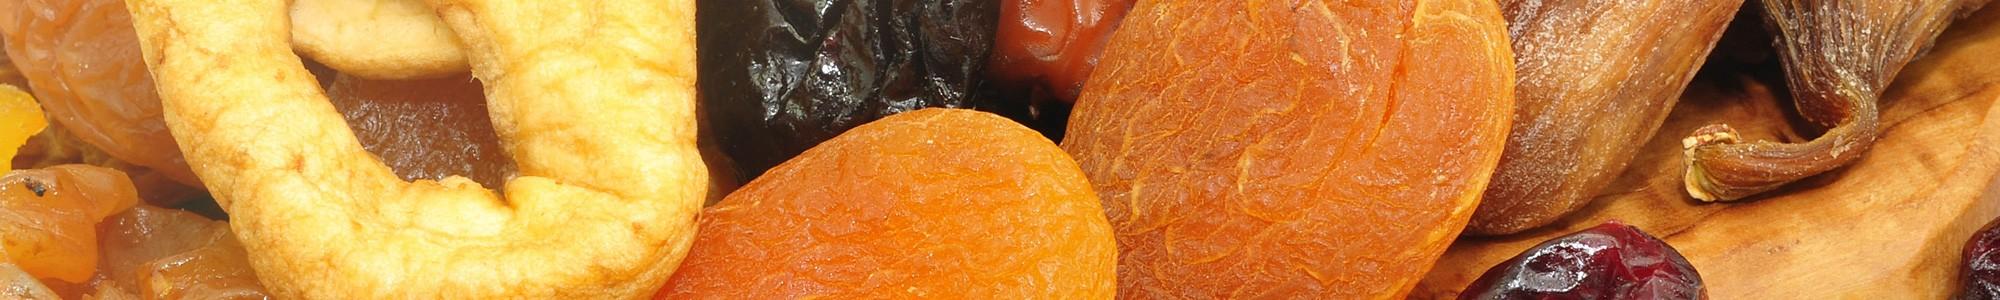 Сушеные (вяленые) фрукты и овощи